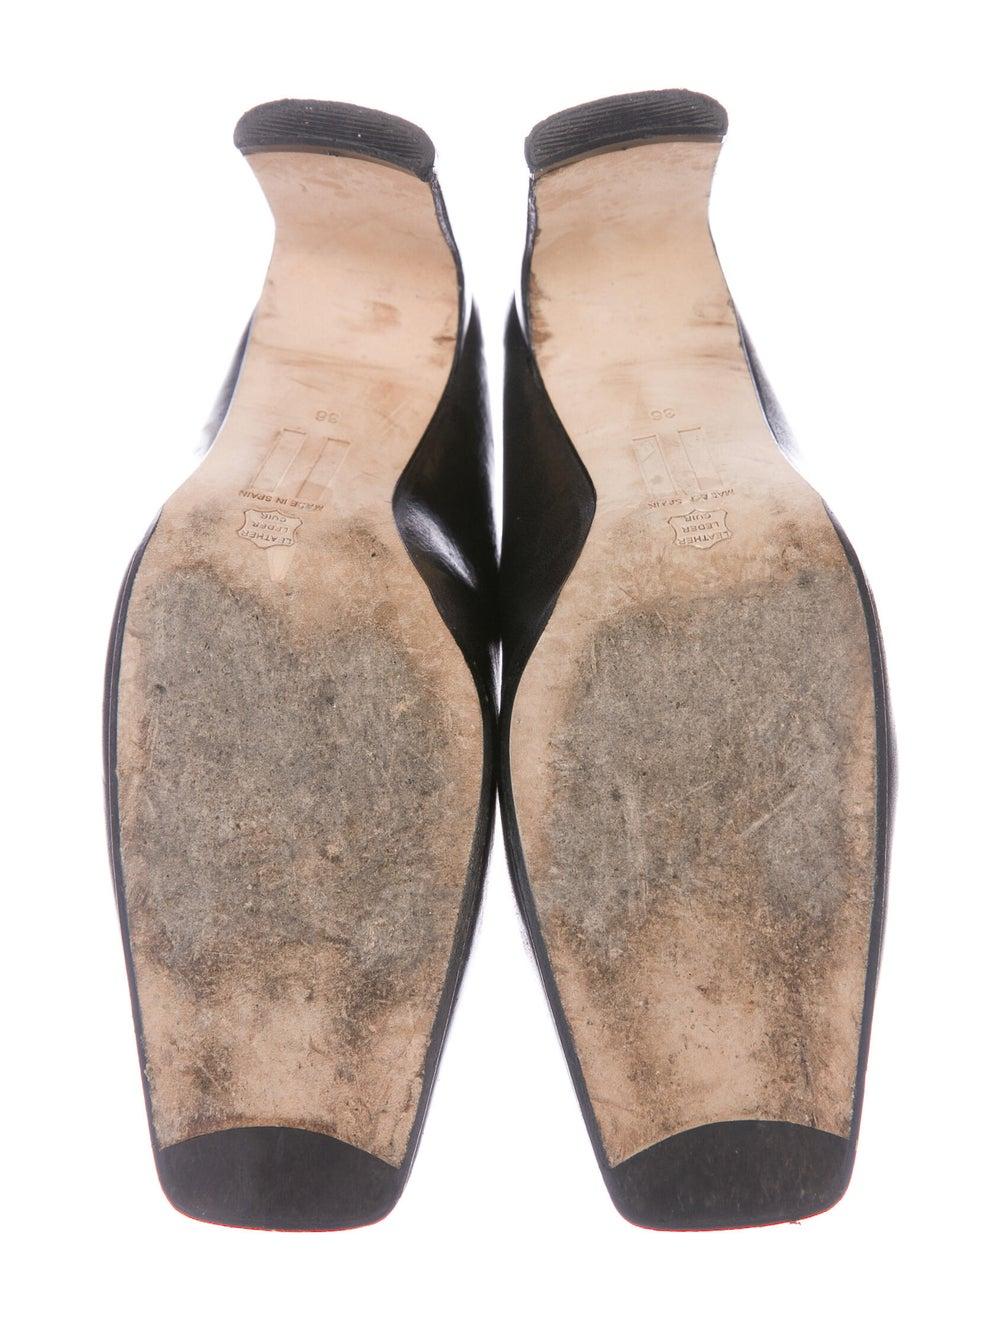 Miista Leather Mules Black - image 5